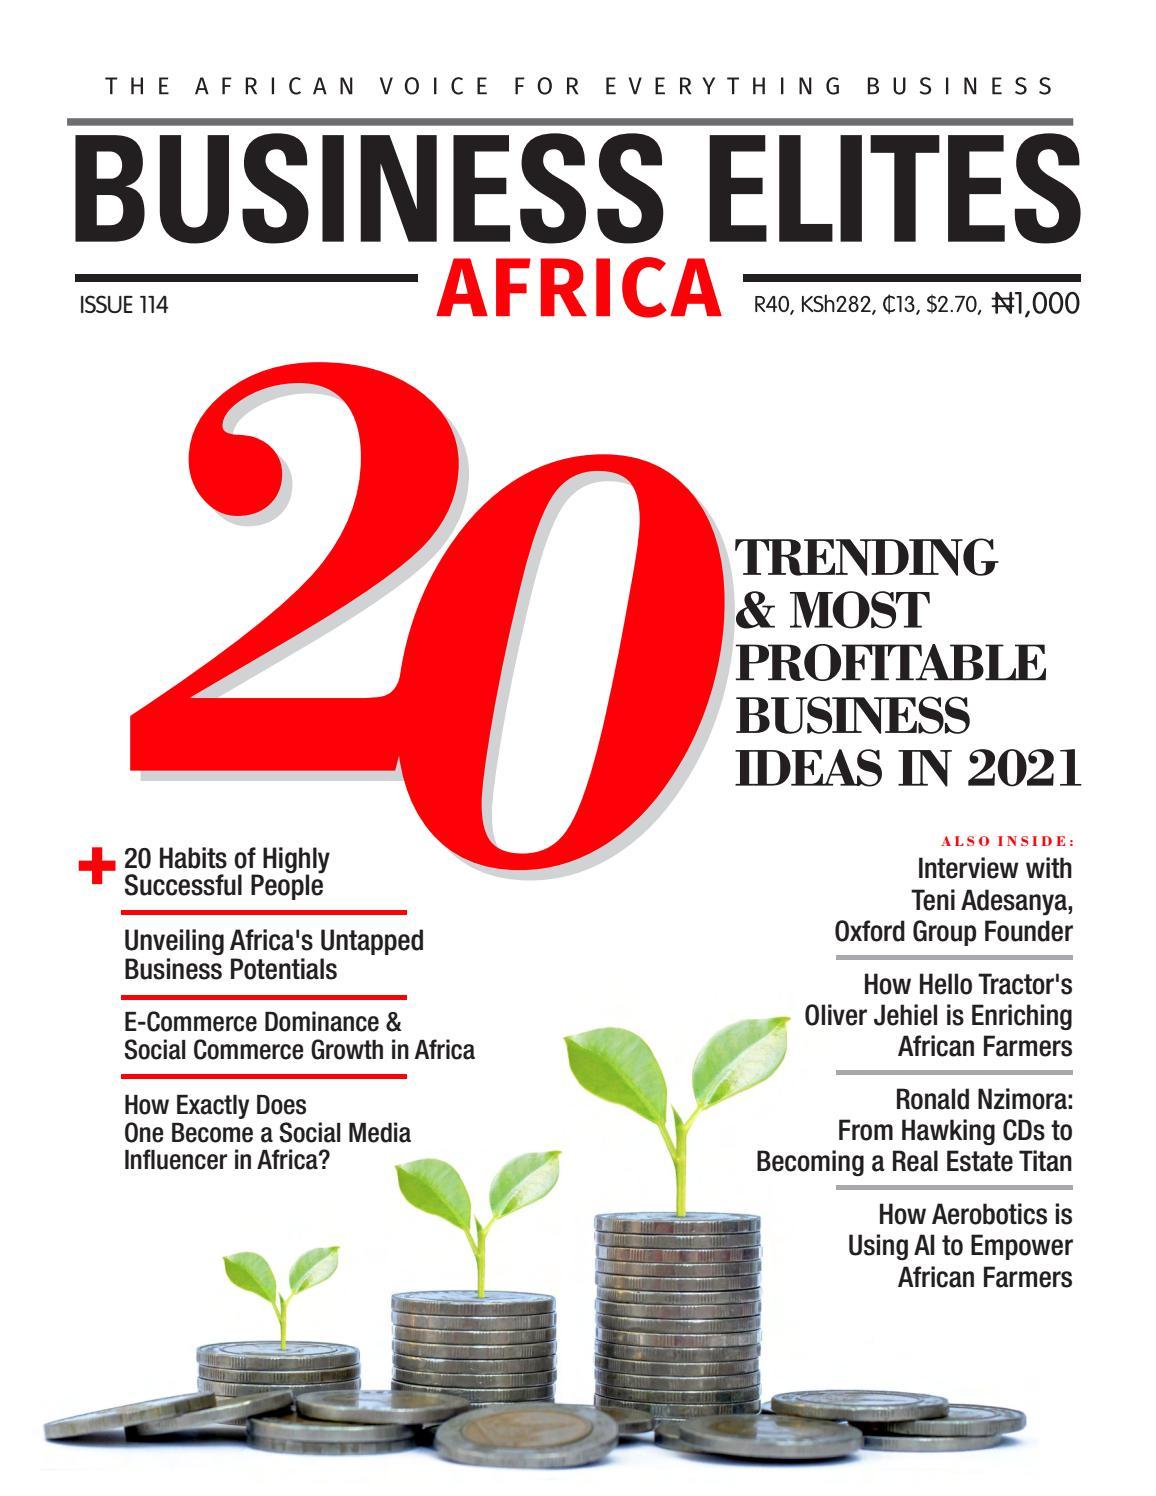 biznesa idejas 2021